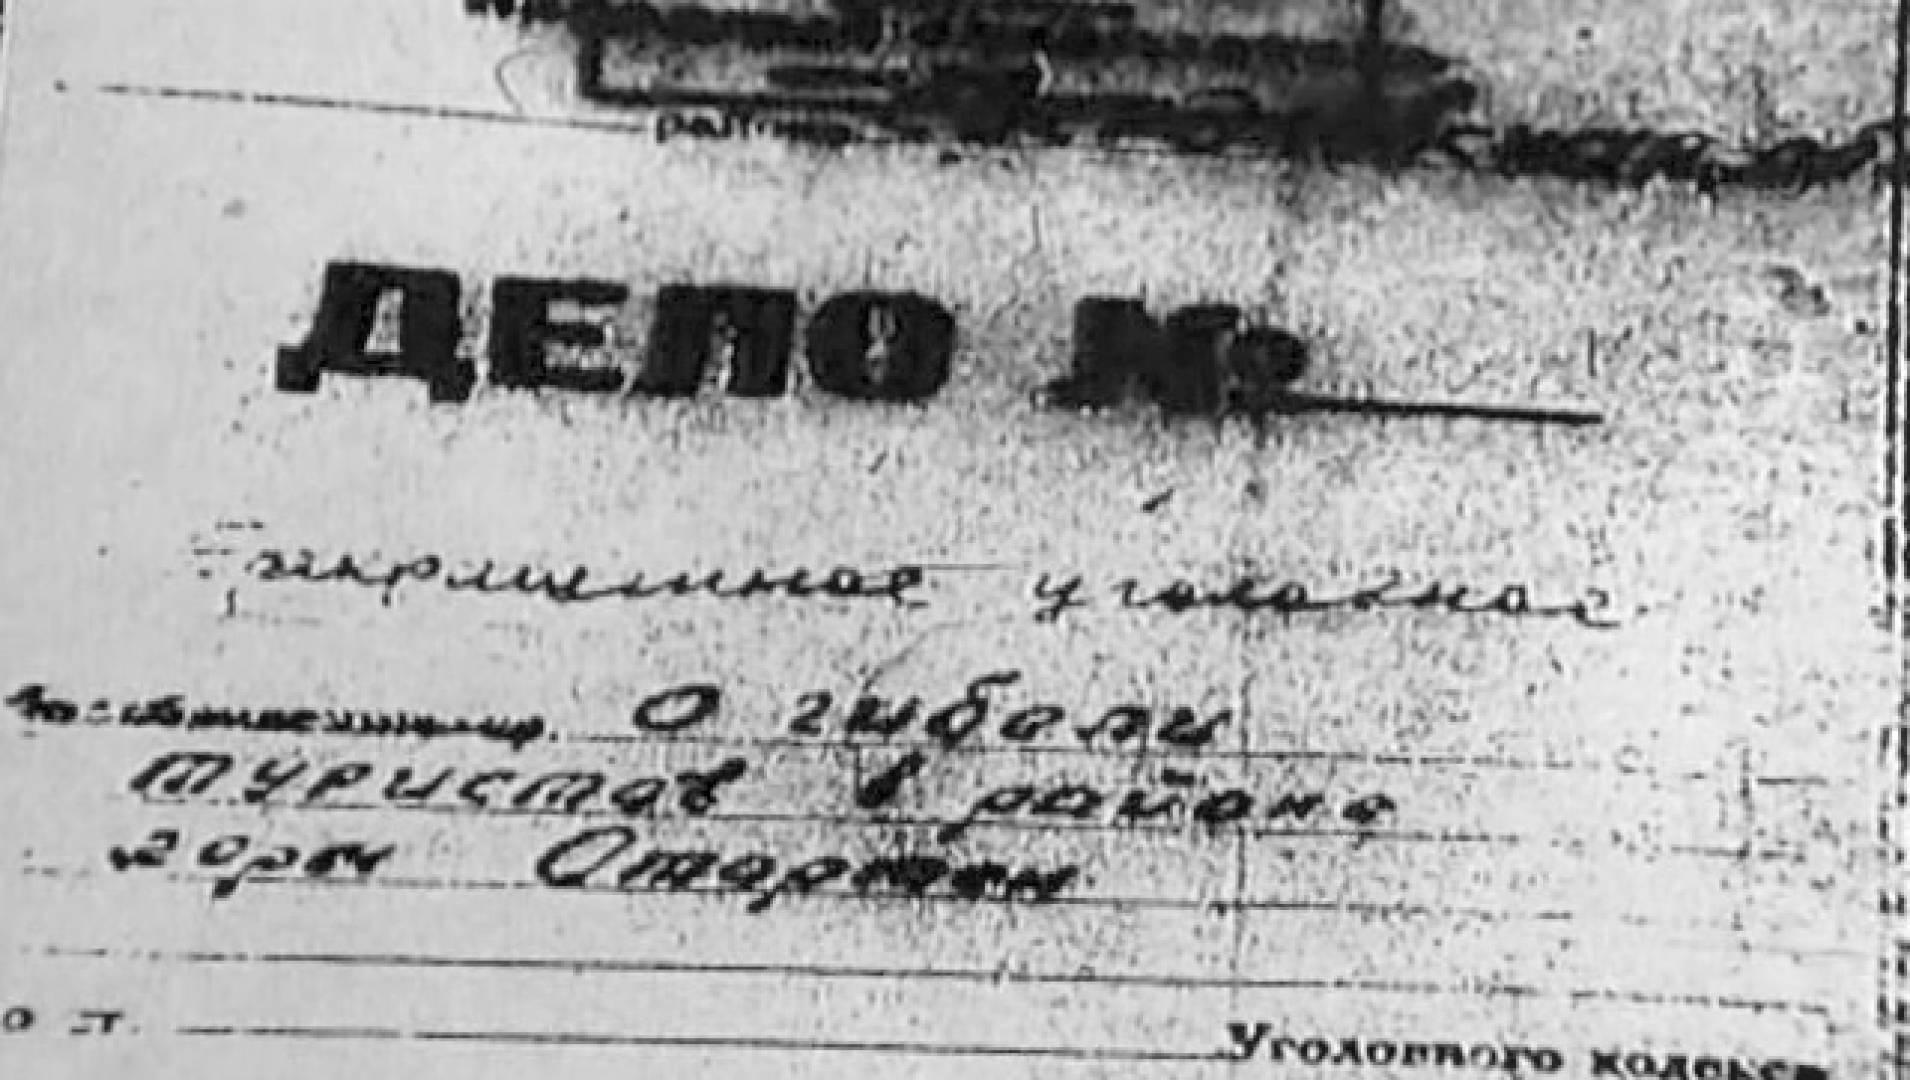 Перевал Дятлова. Отчислены по случаю смерти - Документальный фильм